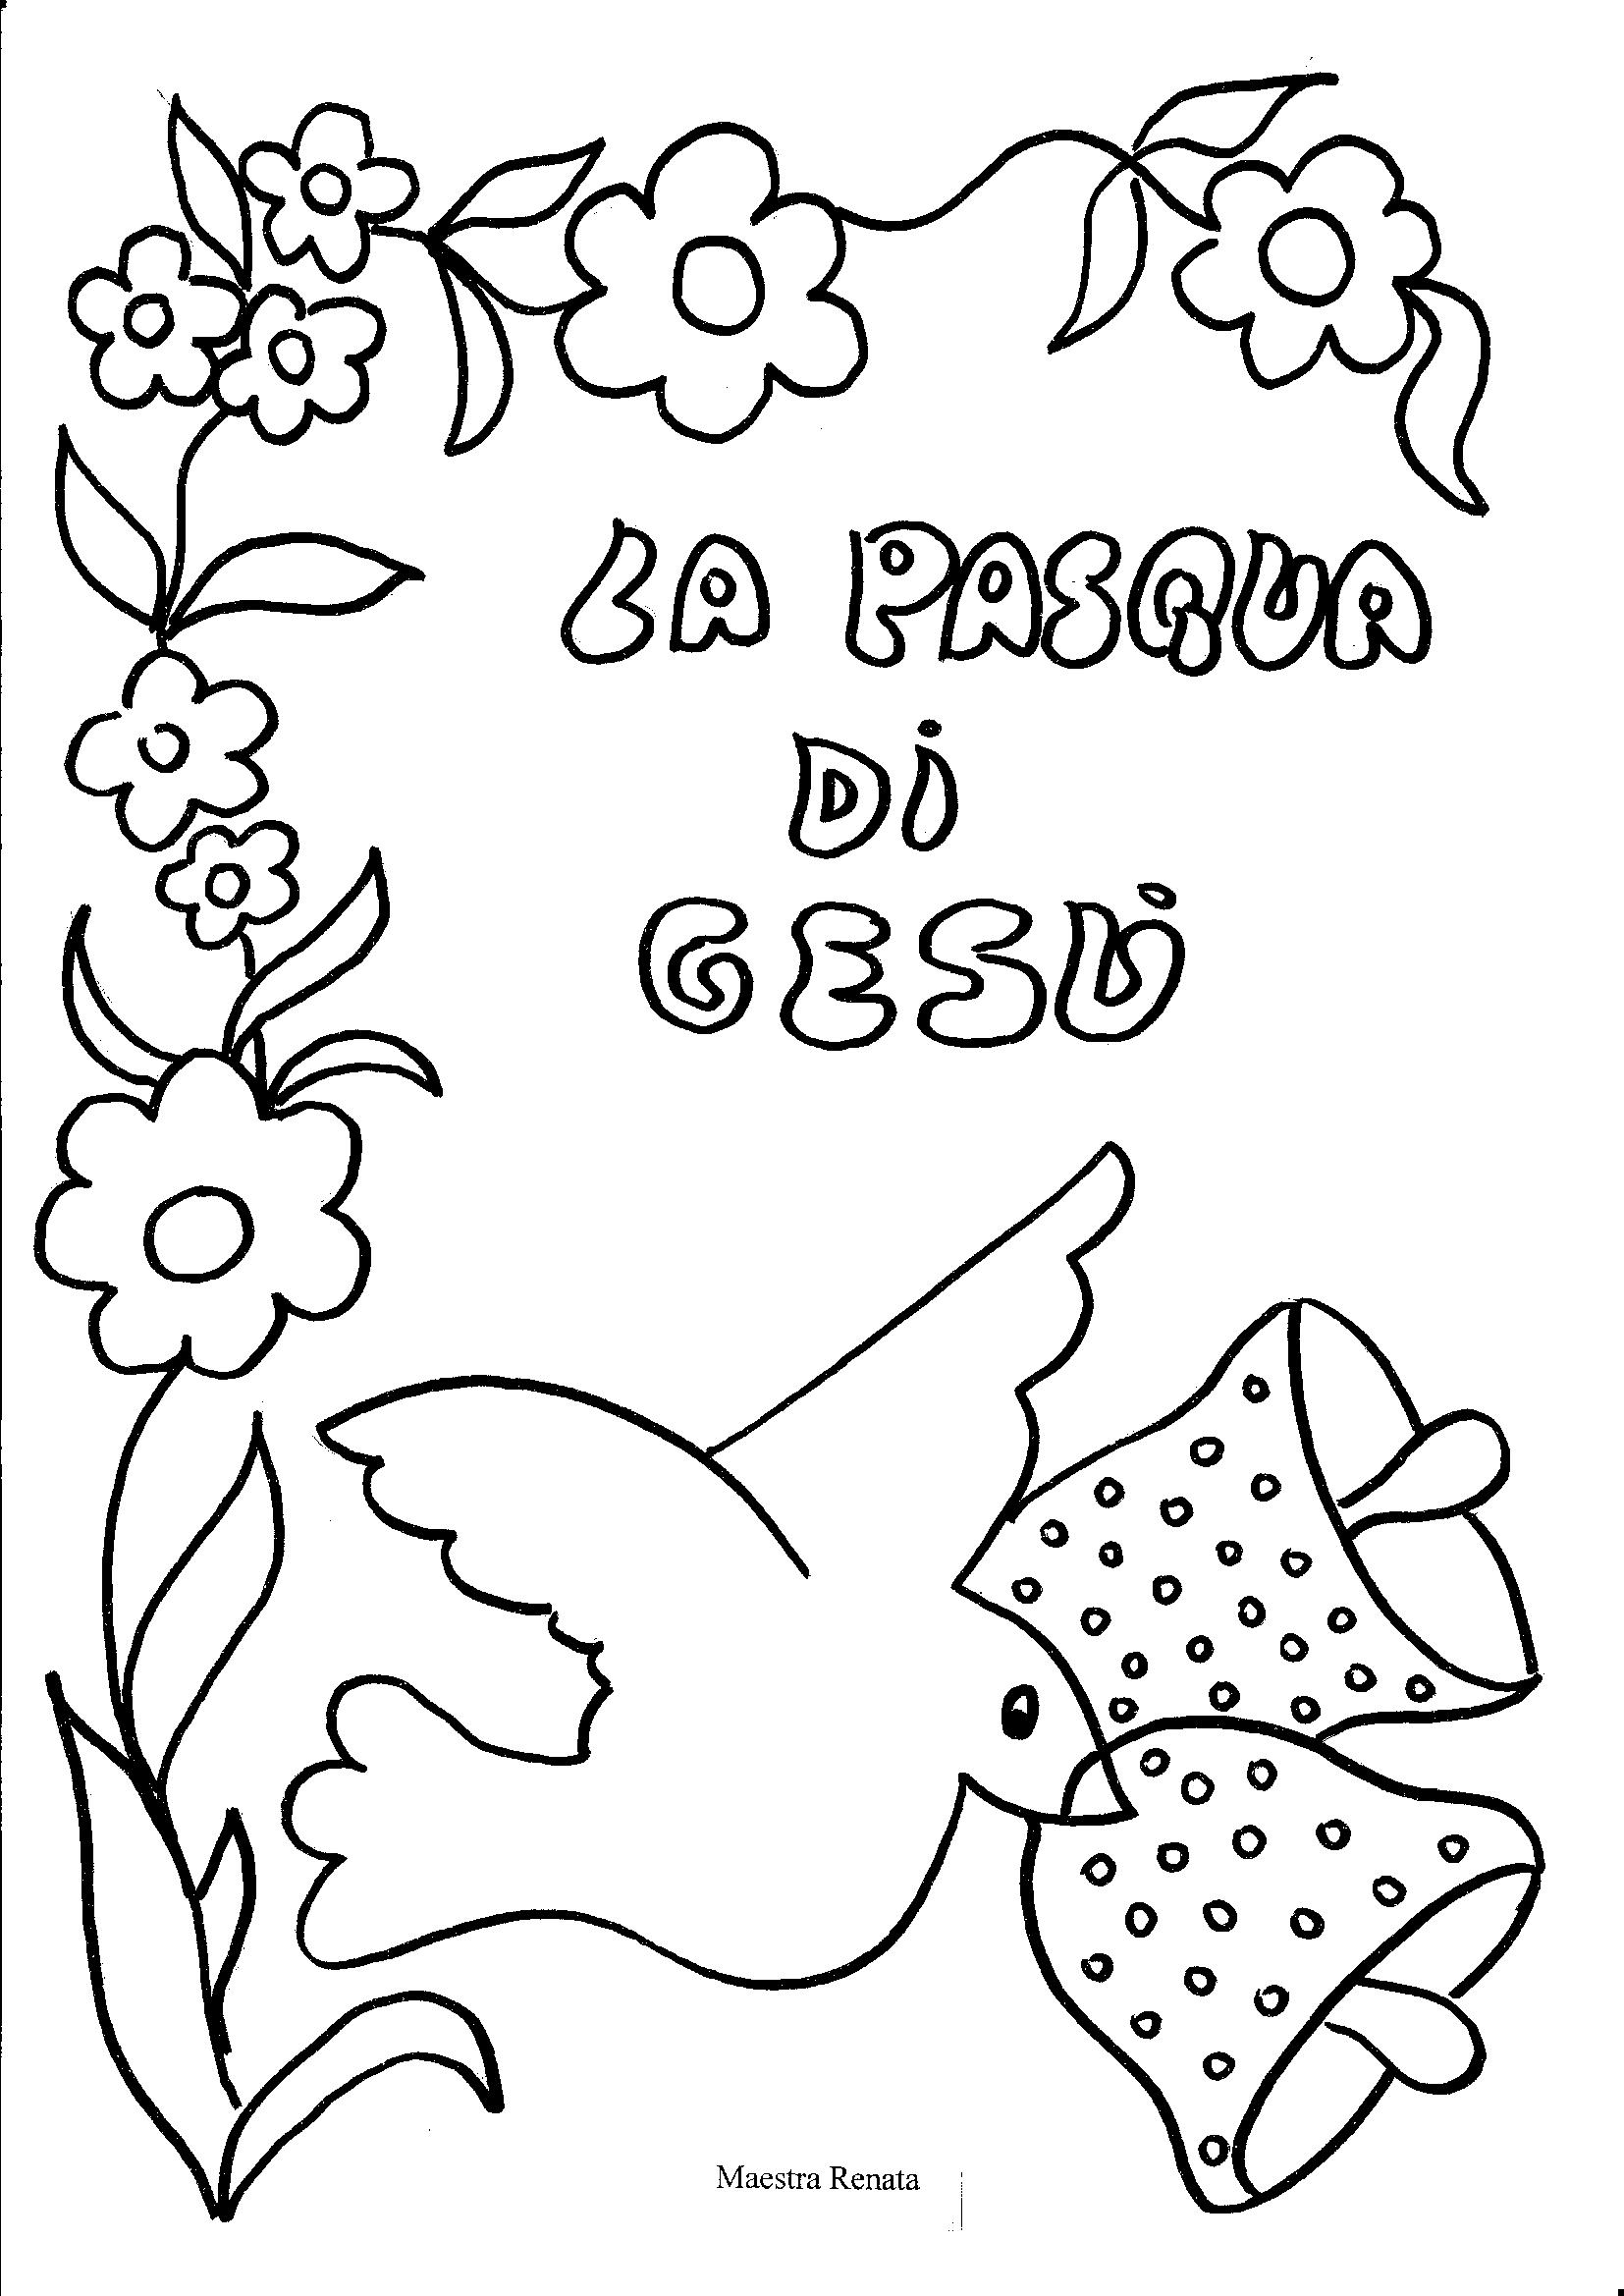 Disegni di pasqua maestrarenata for Disegni da colorare di pasqua